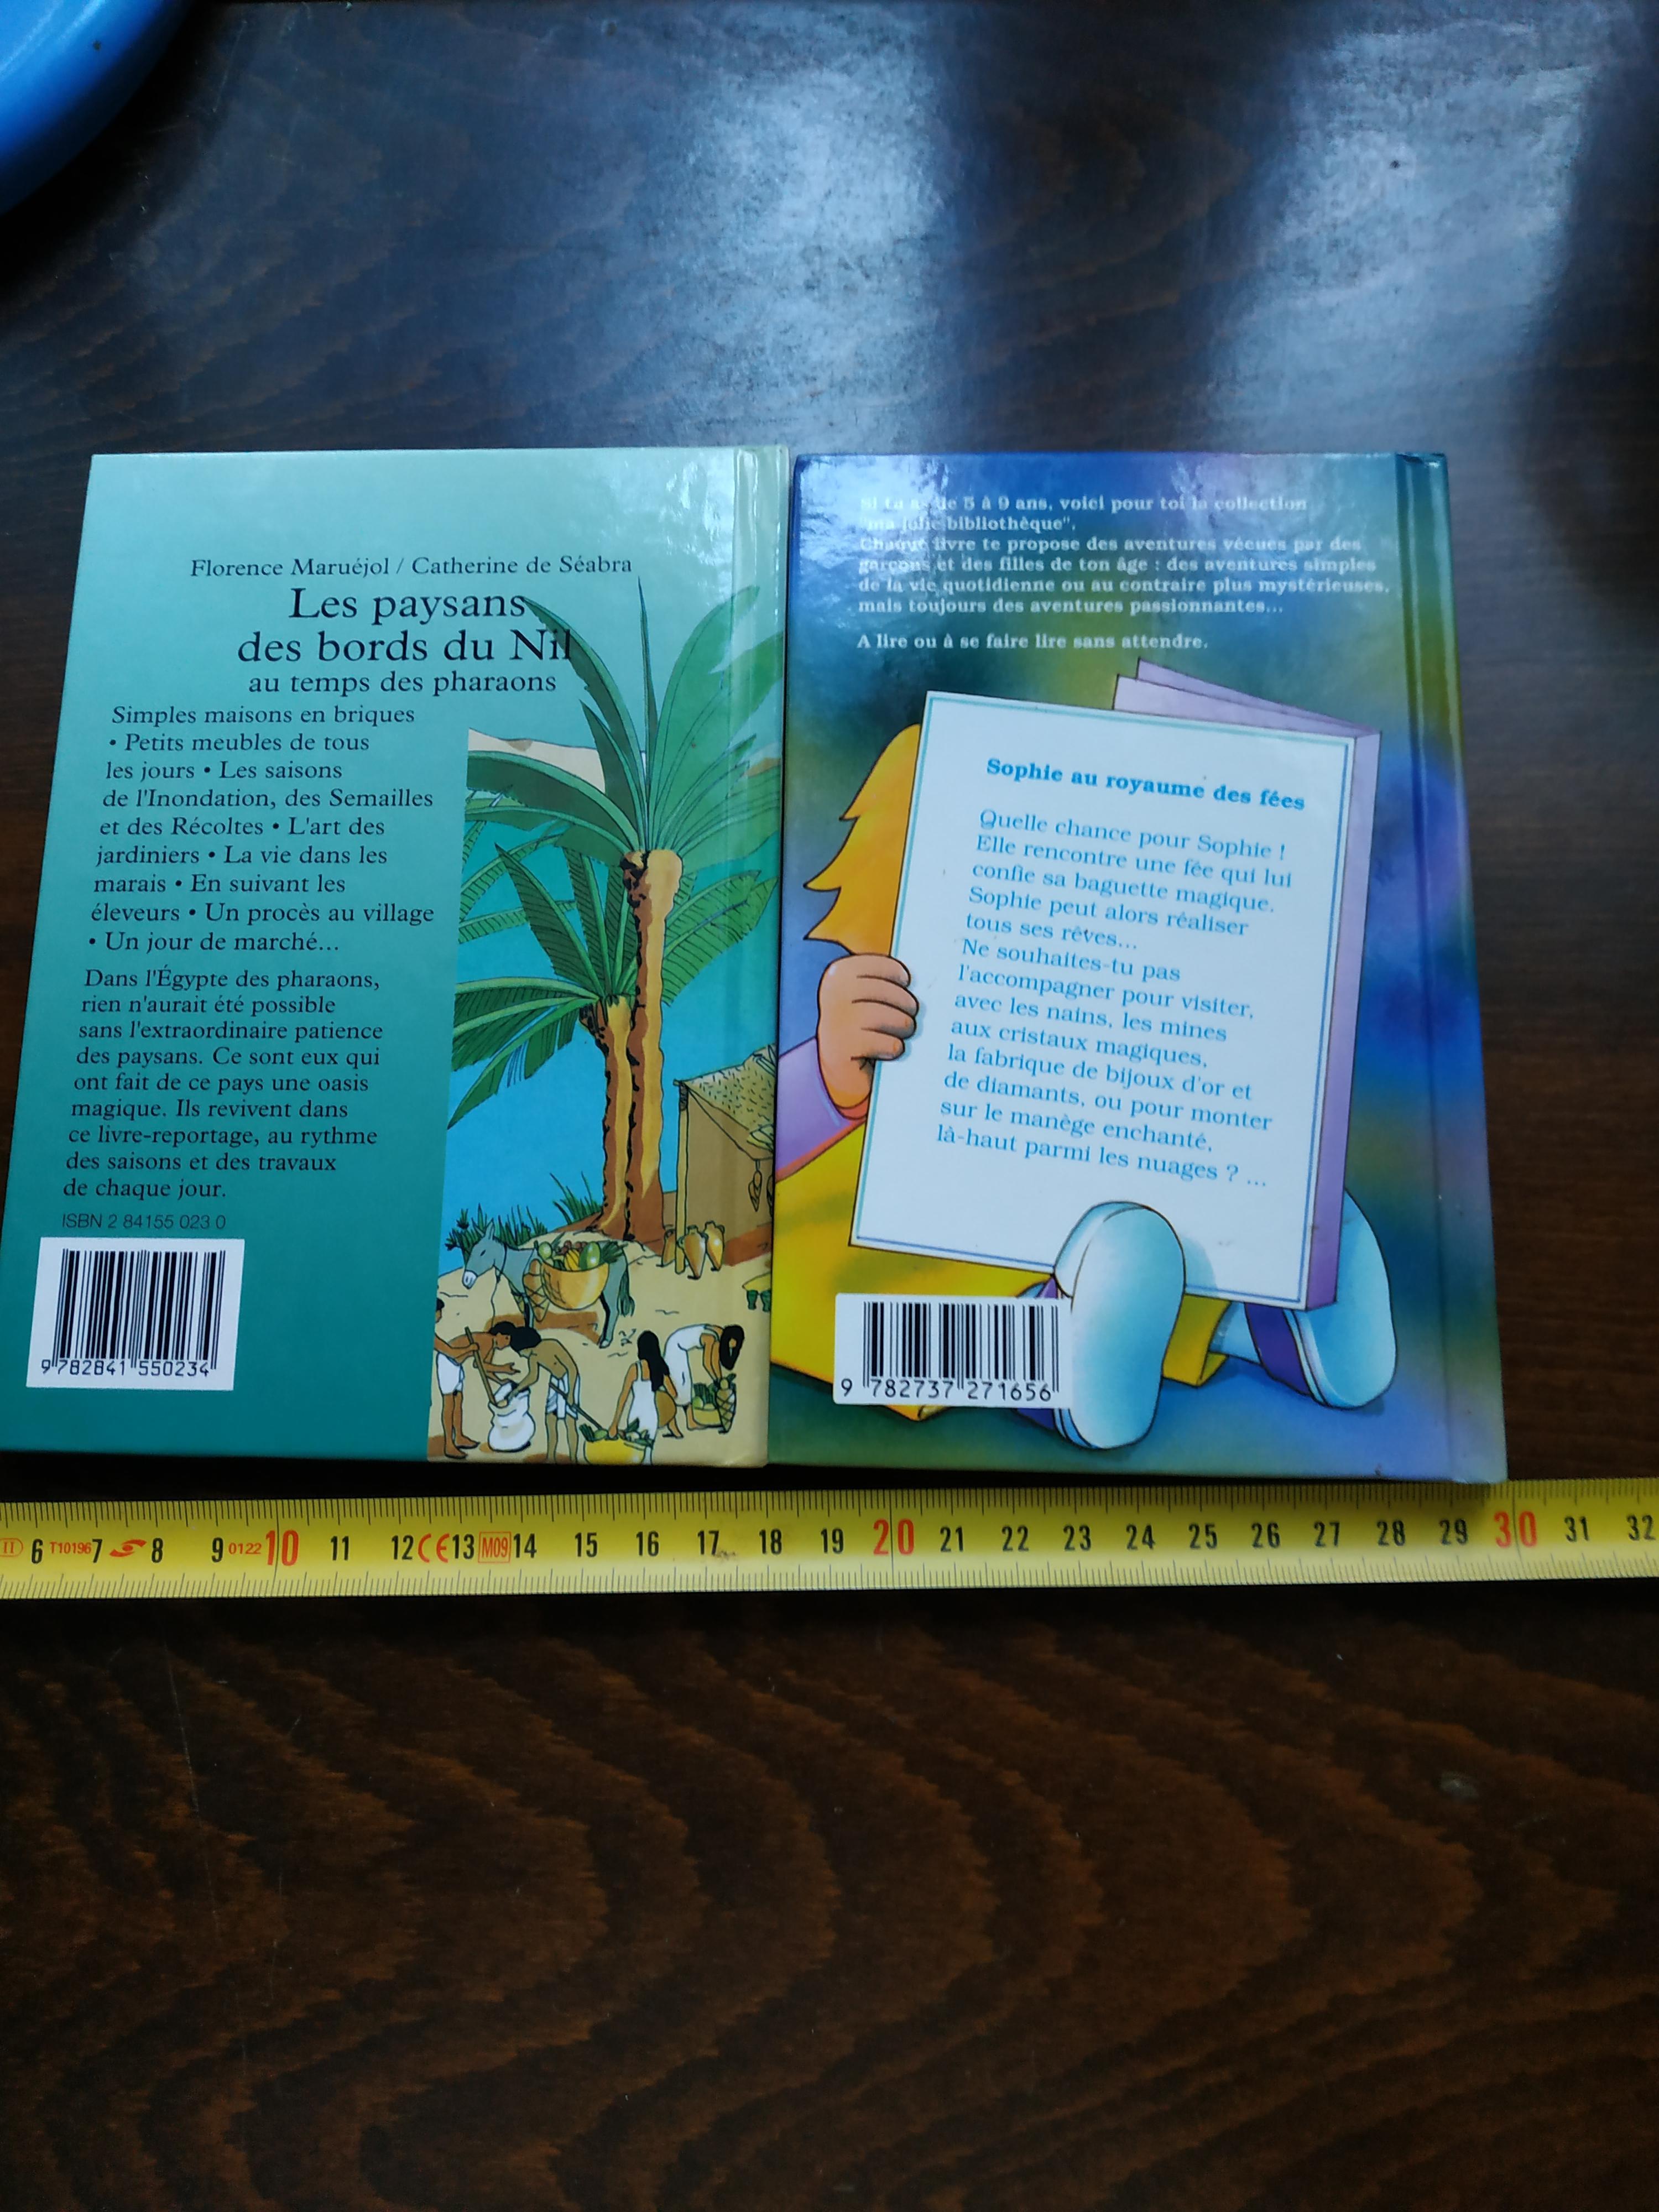 troc de troc livre enfant 9 ans image 1